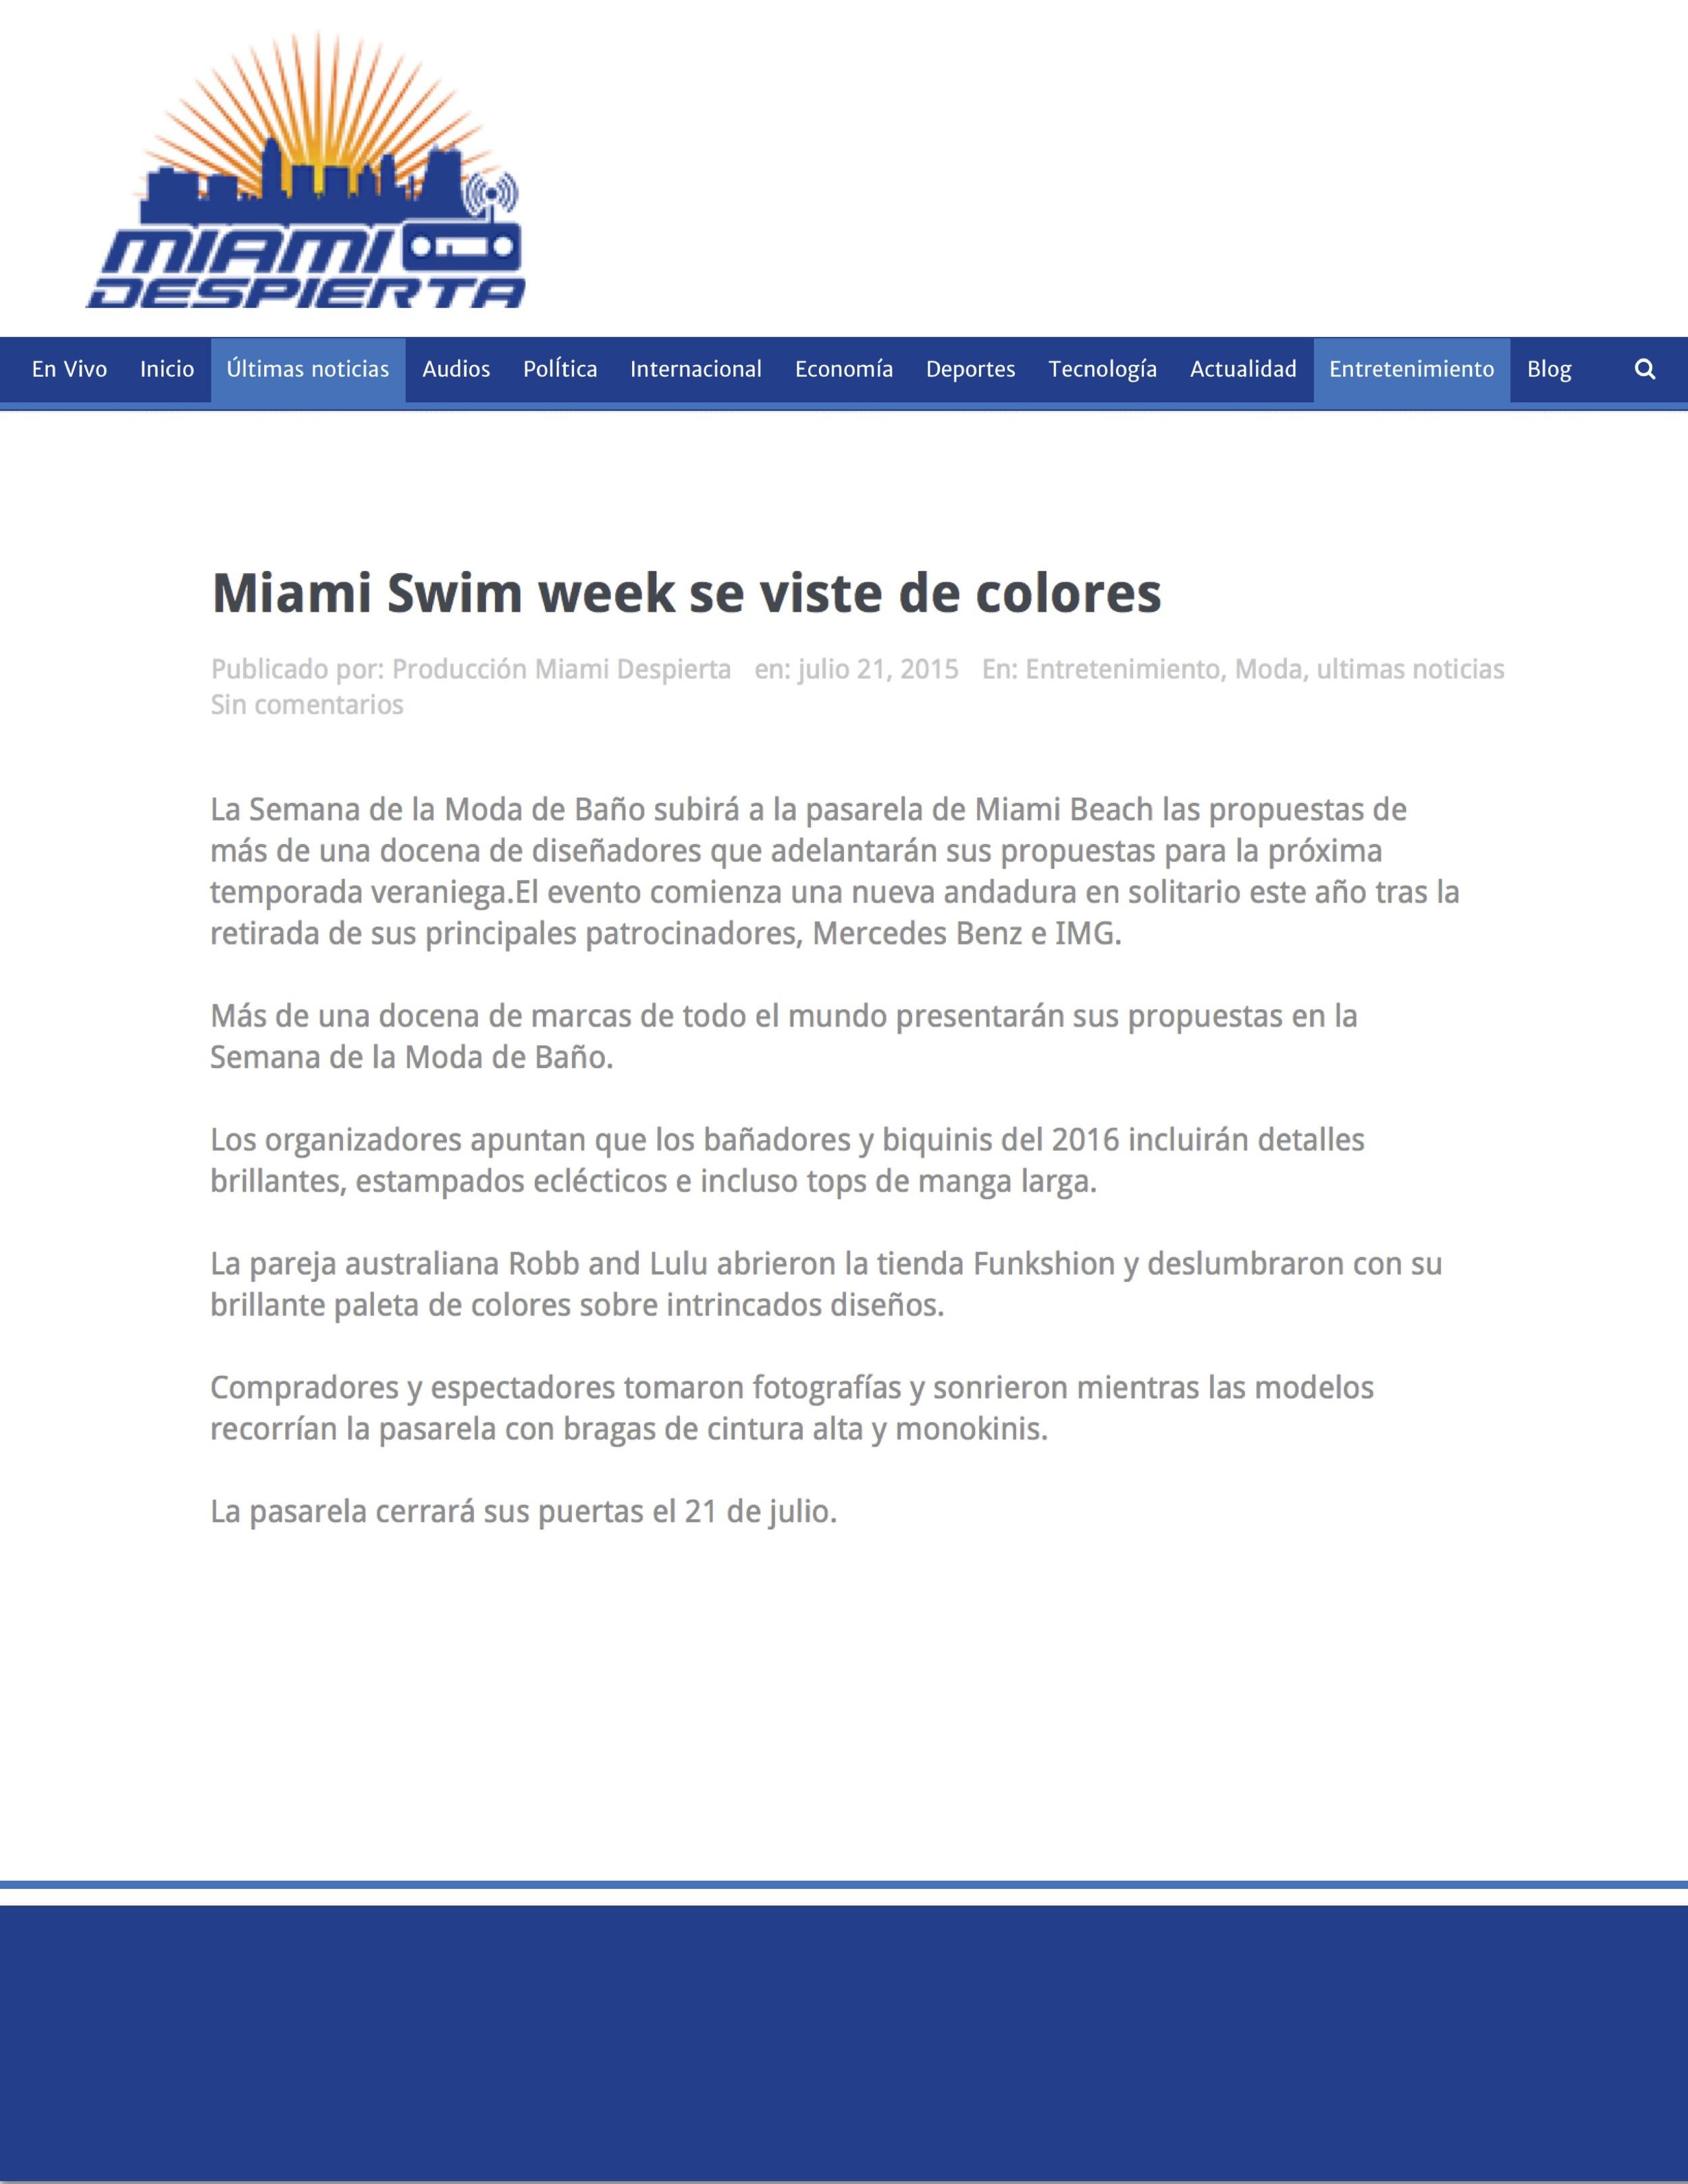 Robb And Lulu - Miami Despierta - July 2015.jpg